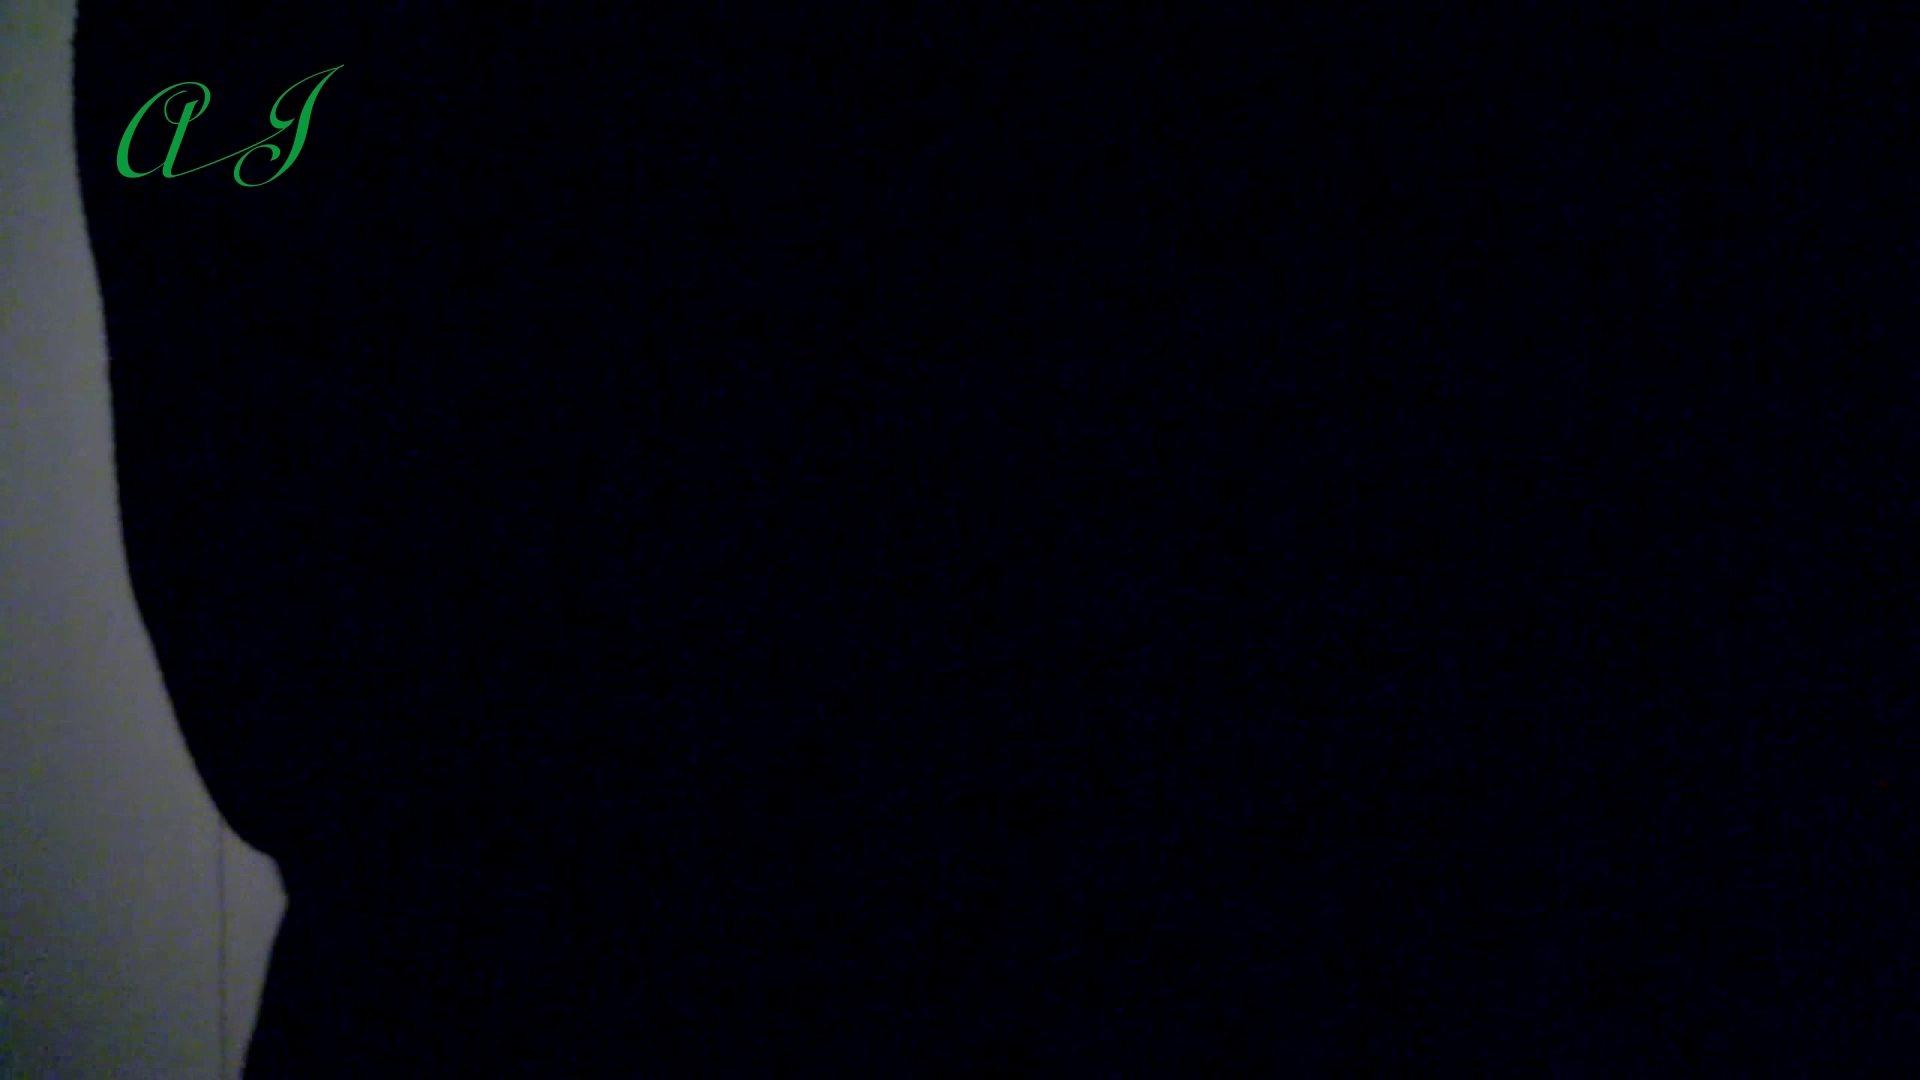 有名大学女性洗面所 vol.59 新アングル追加!相変わらずの美女率!! エッチなOL オマンコ無修正動画無料 92枚 16